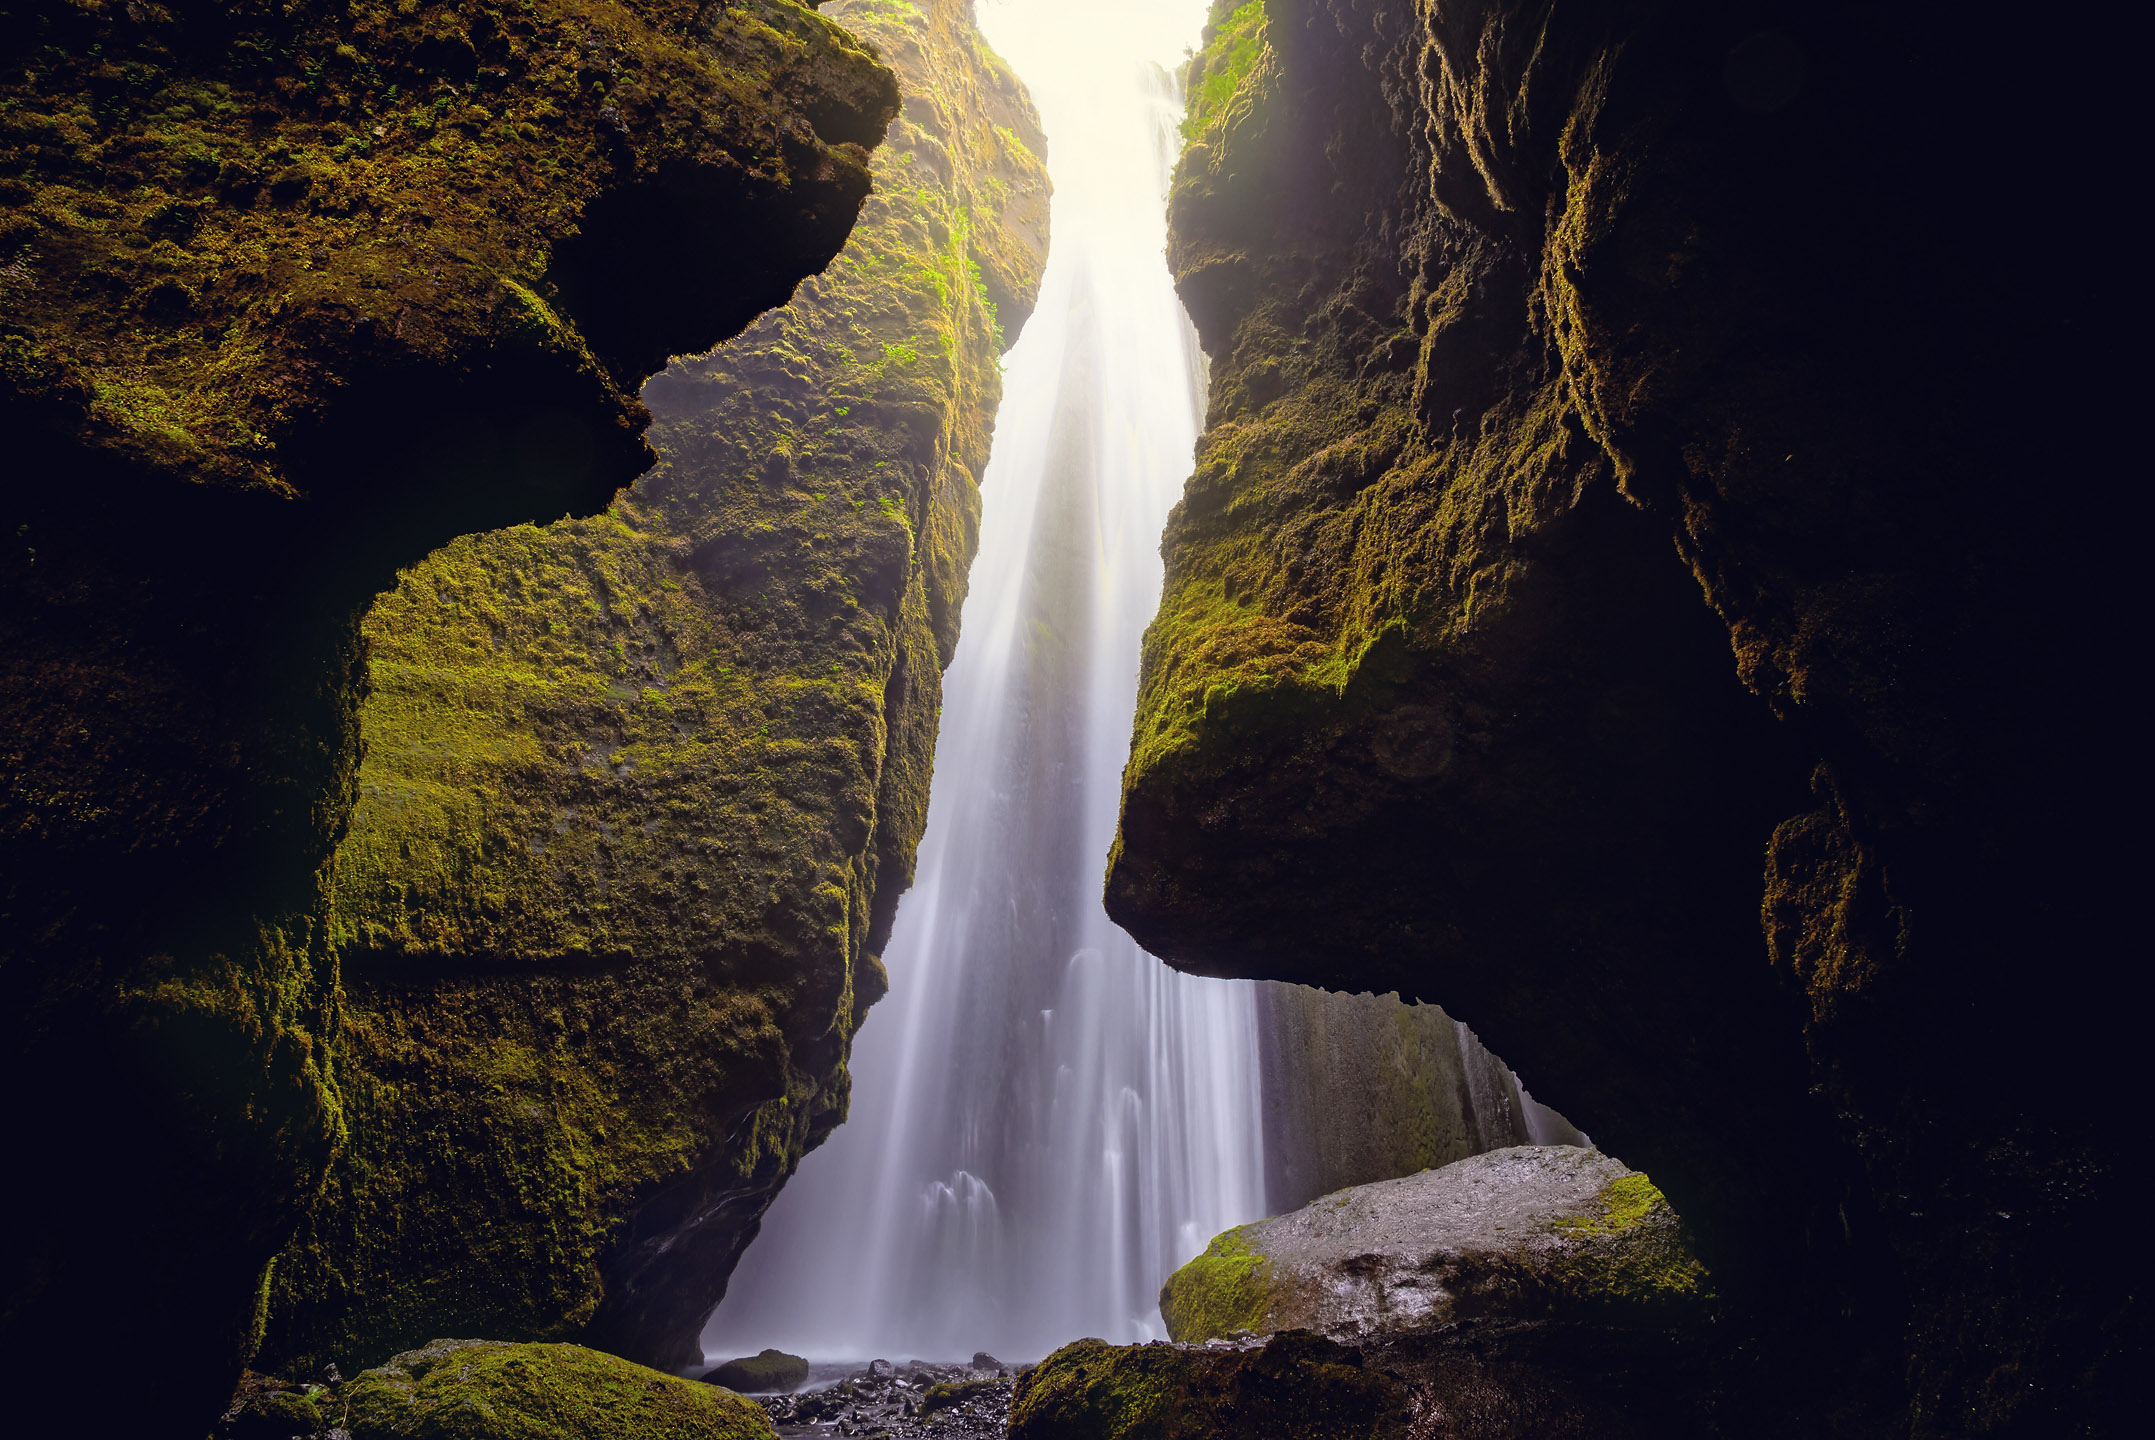 Ein wunderschöner Wasserfall - mitten in der Finsternis